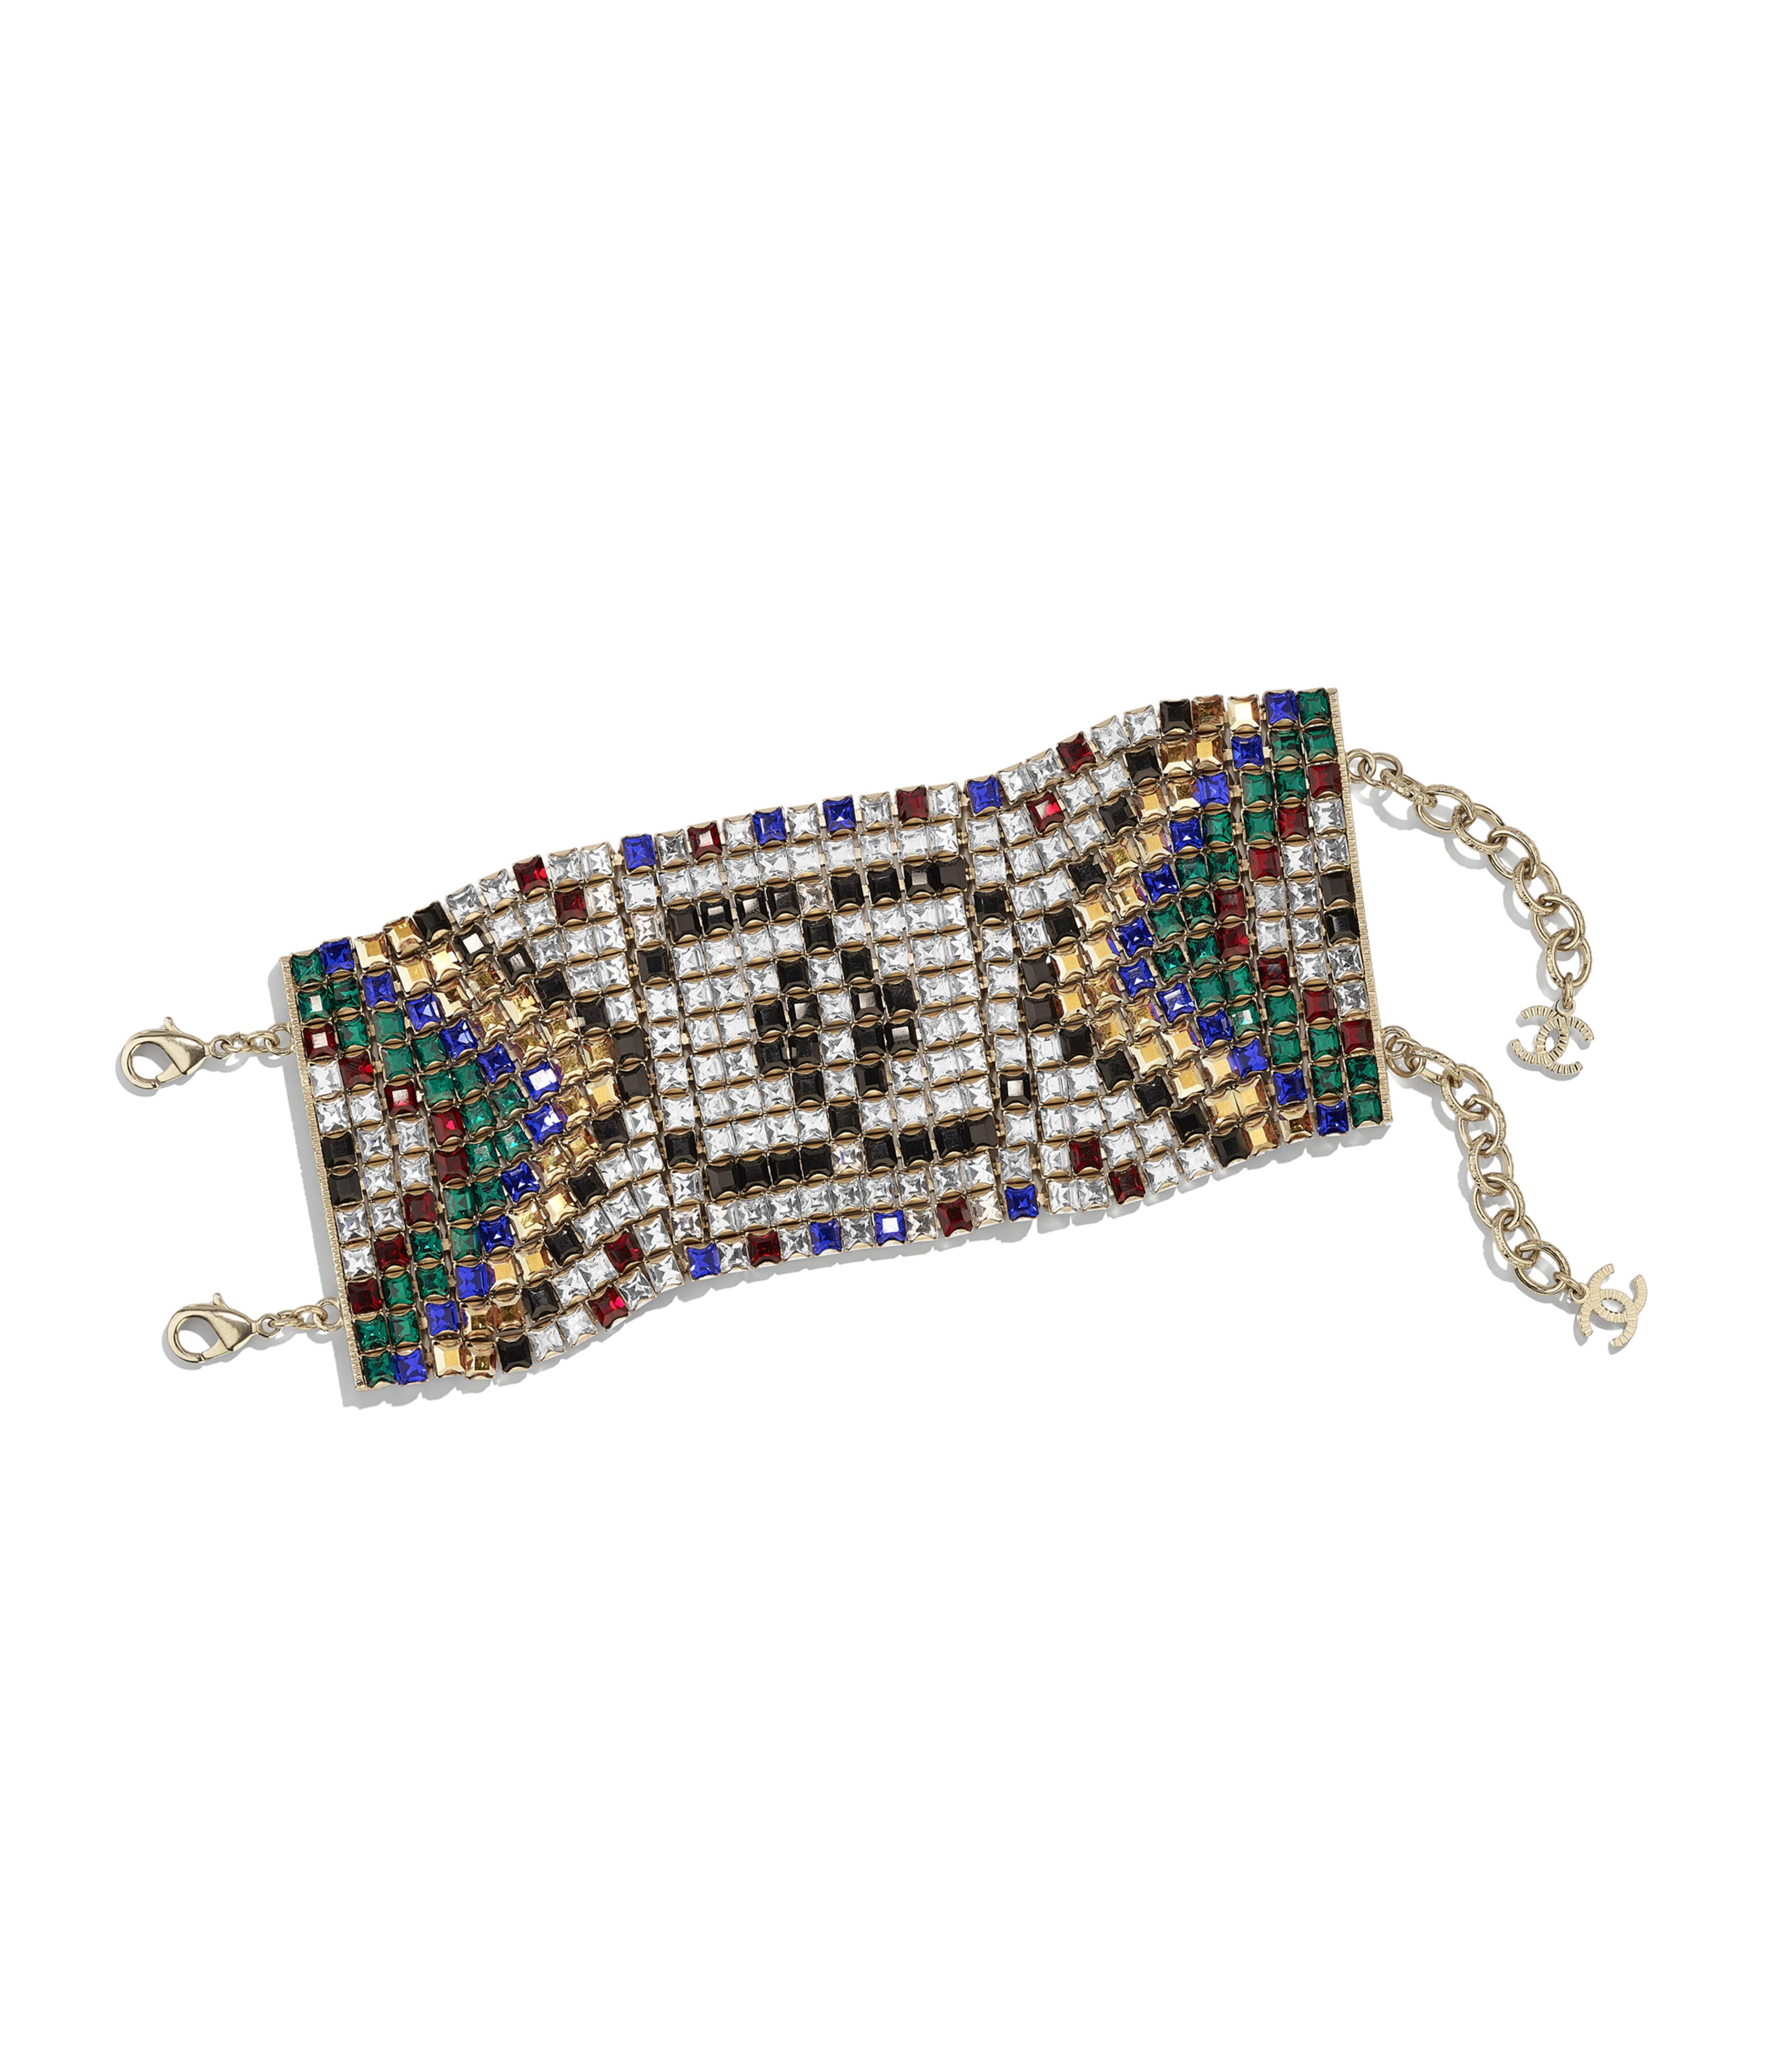 5ee760e45 Bracelet Metal & Strass, Gold, Black, Red, Blue & Crystal Ref.  AB1637Y02003Z9145